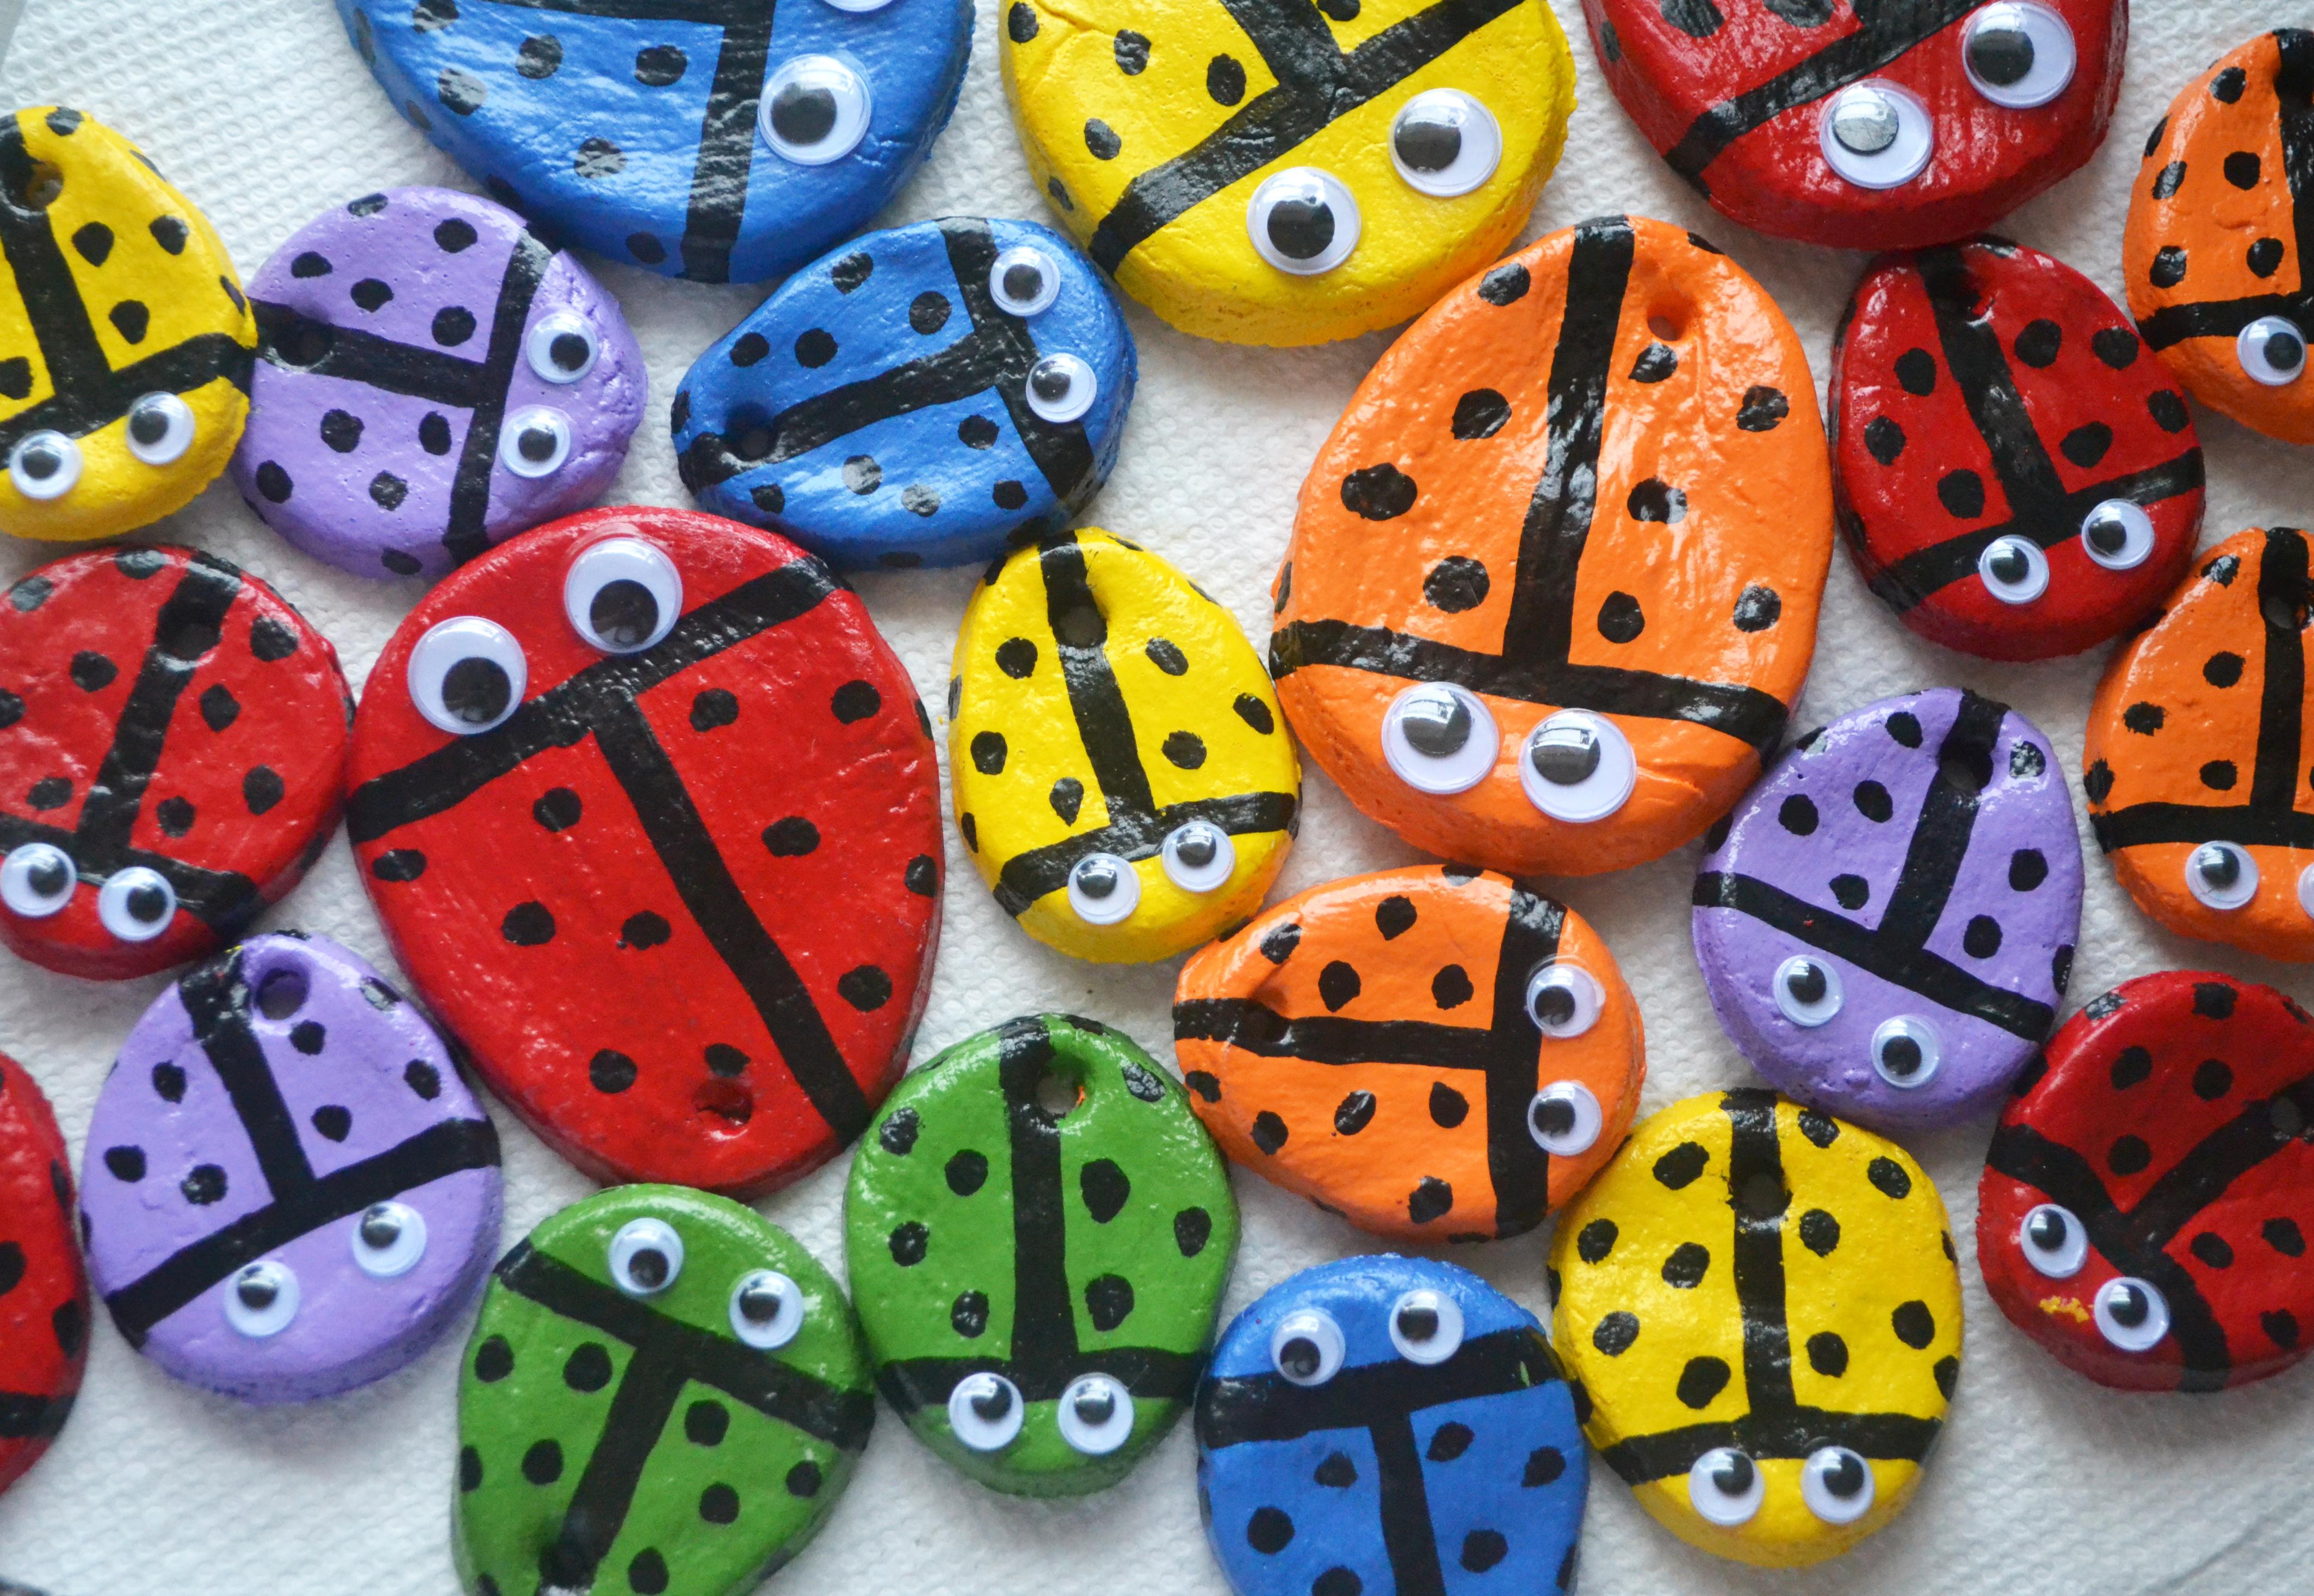 Ladybug ornaments - Salt Dough Ladybug Ornaments